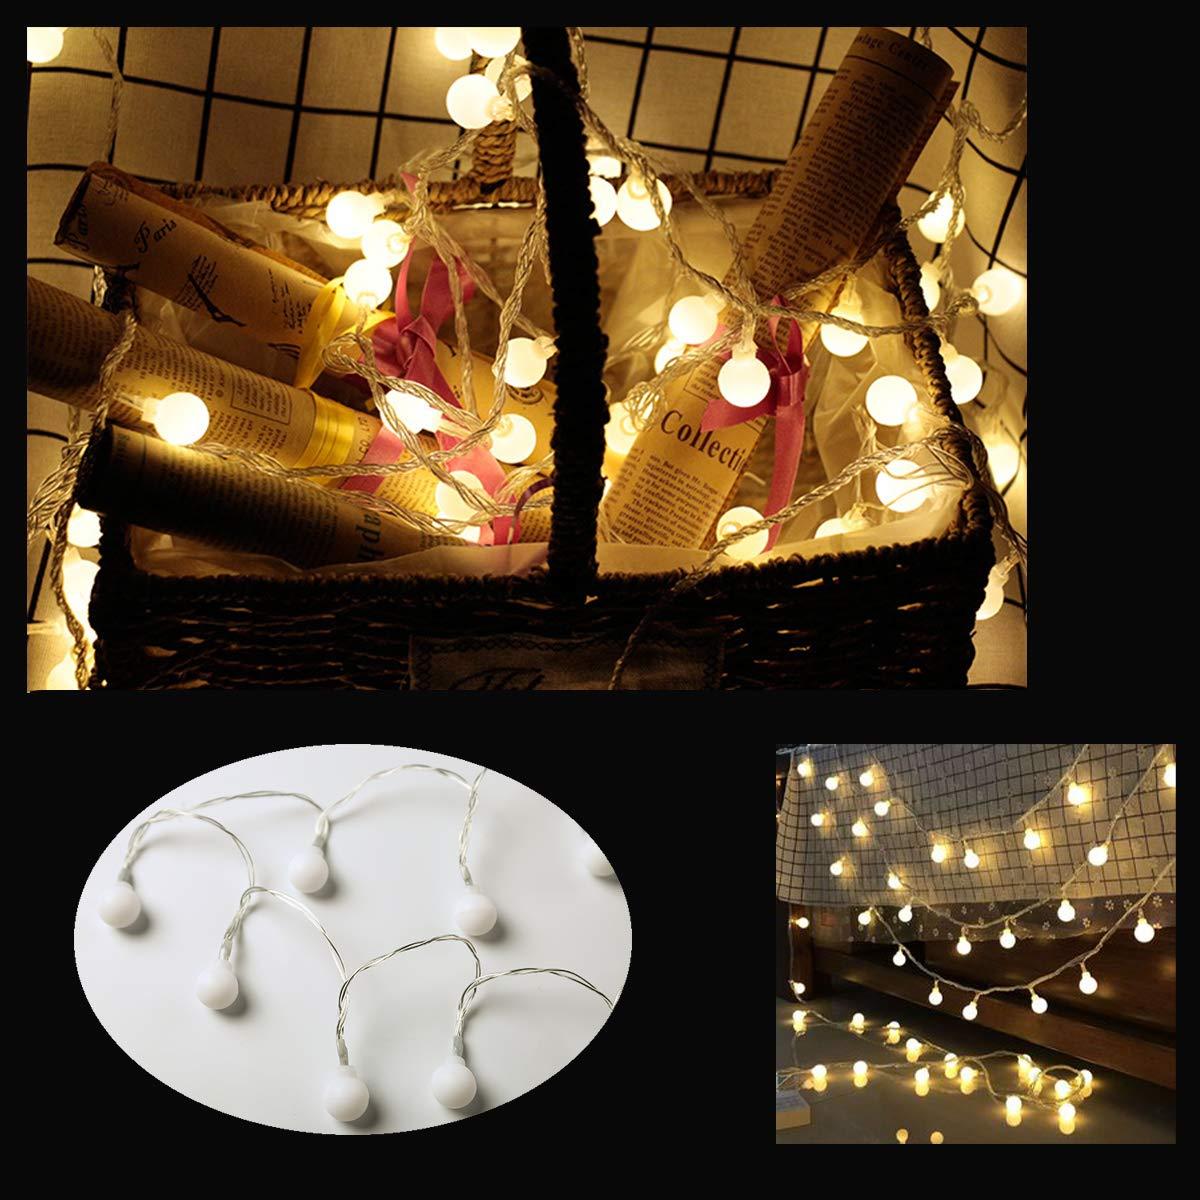 Arbre de No/ël etc Jardin kacai Guirlande Lumineuse 80 Petites Ampoules LED 10M Fil Souple 8 Modes Eclairage D/écoration Int/érieur et Ext/érieur Festival pour Maison